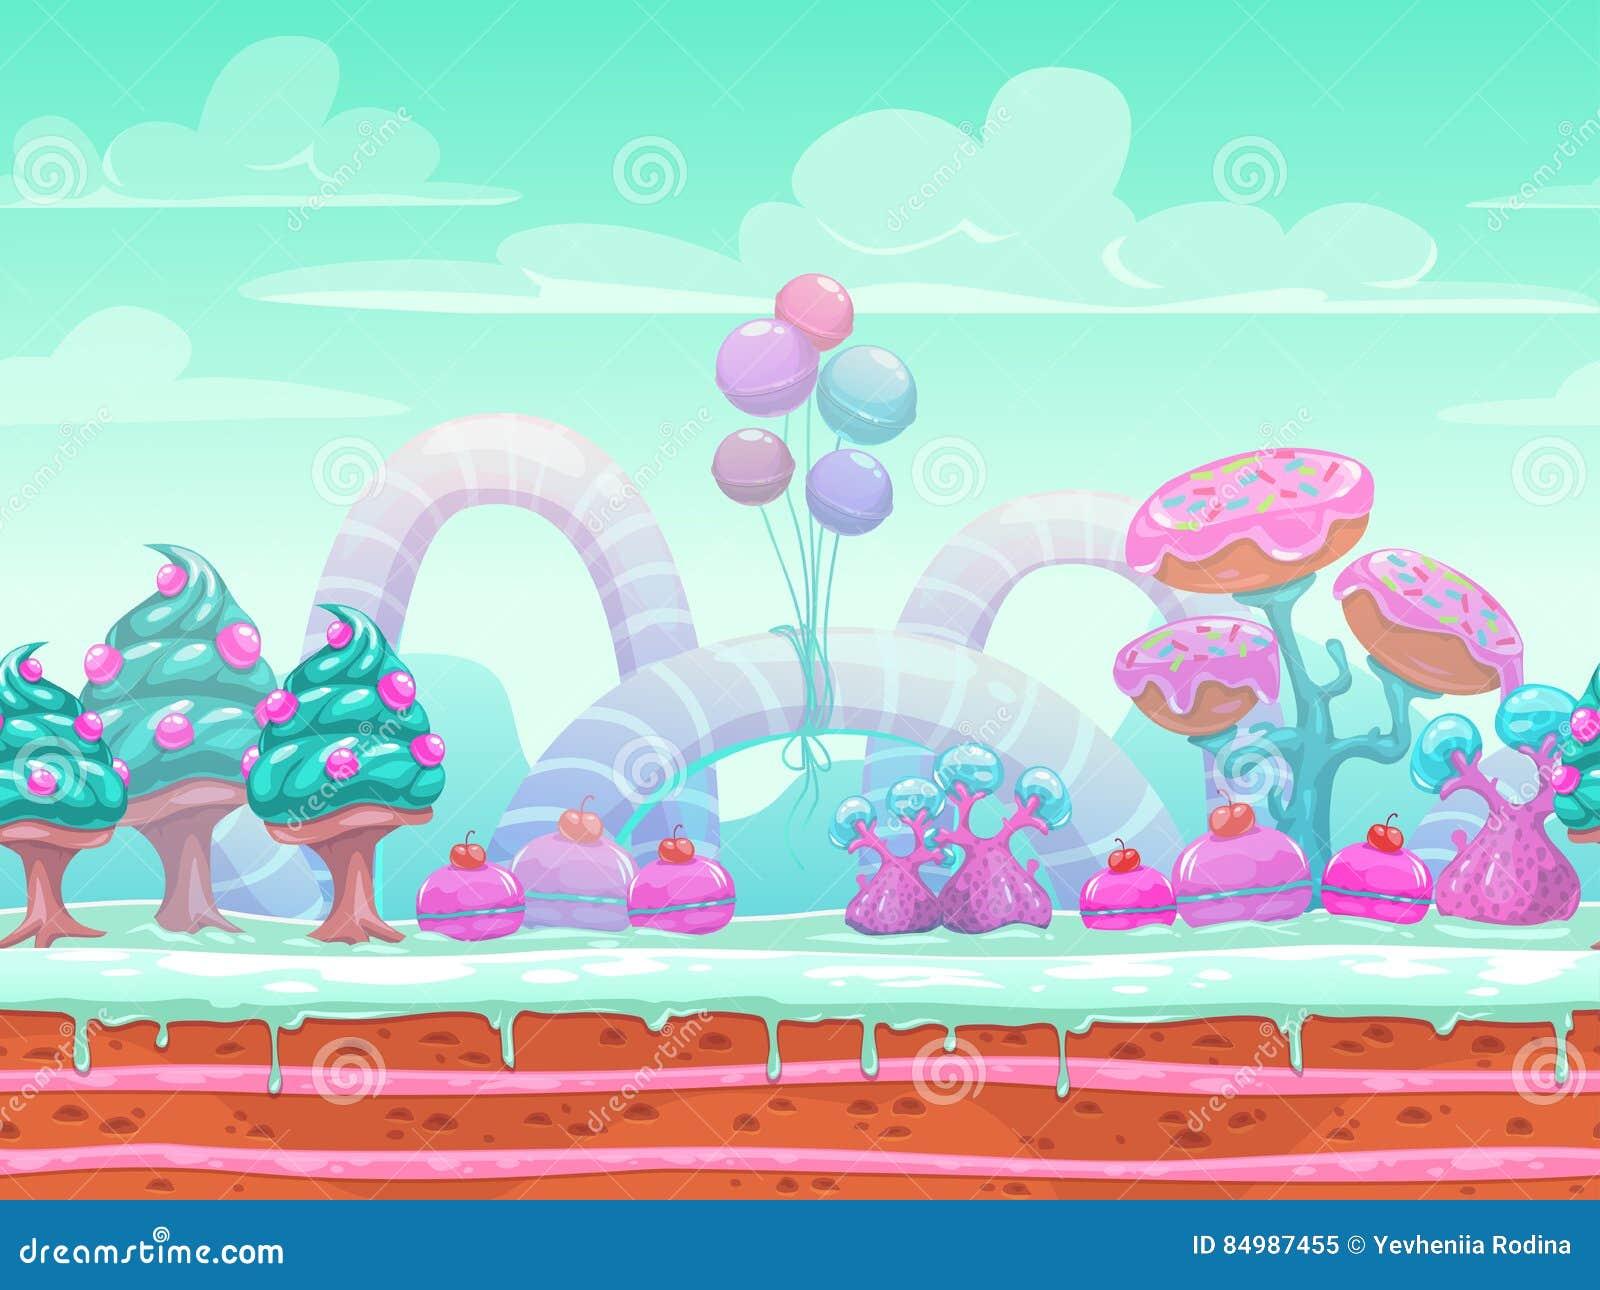 Pink Candyland Wallpaper Download